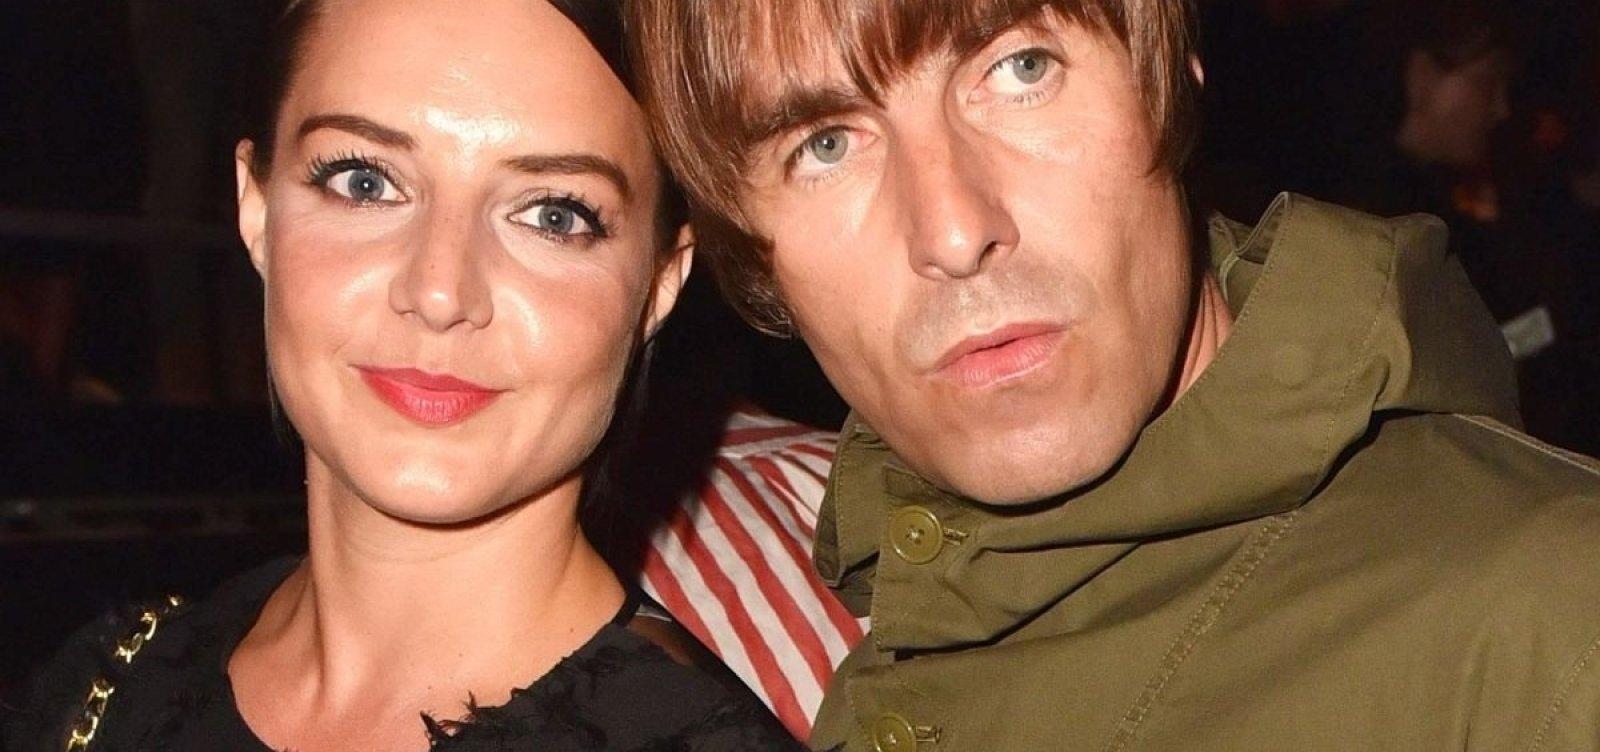 [Liam Gallagher, ex-Oasis, é interrogado por suposta agressão à namorada ]